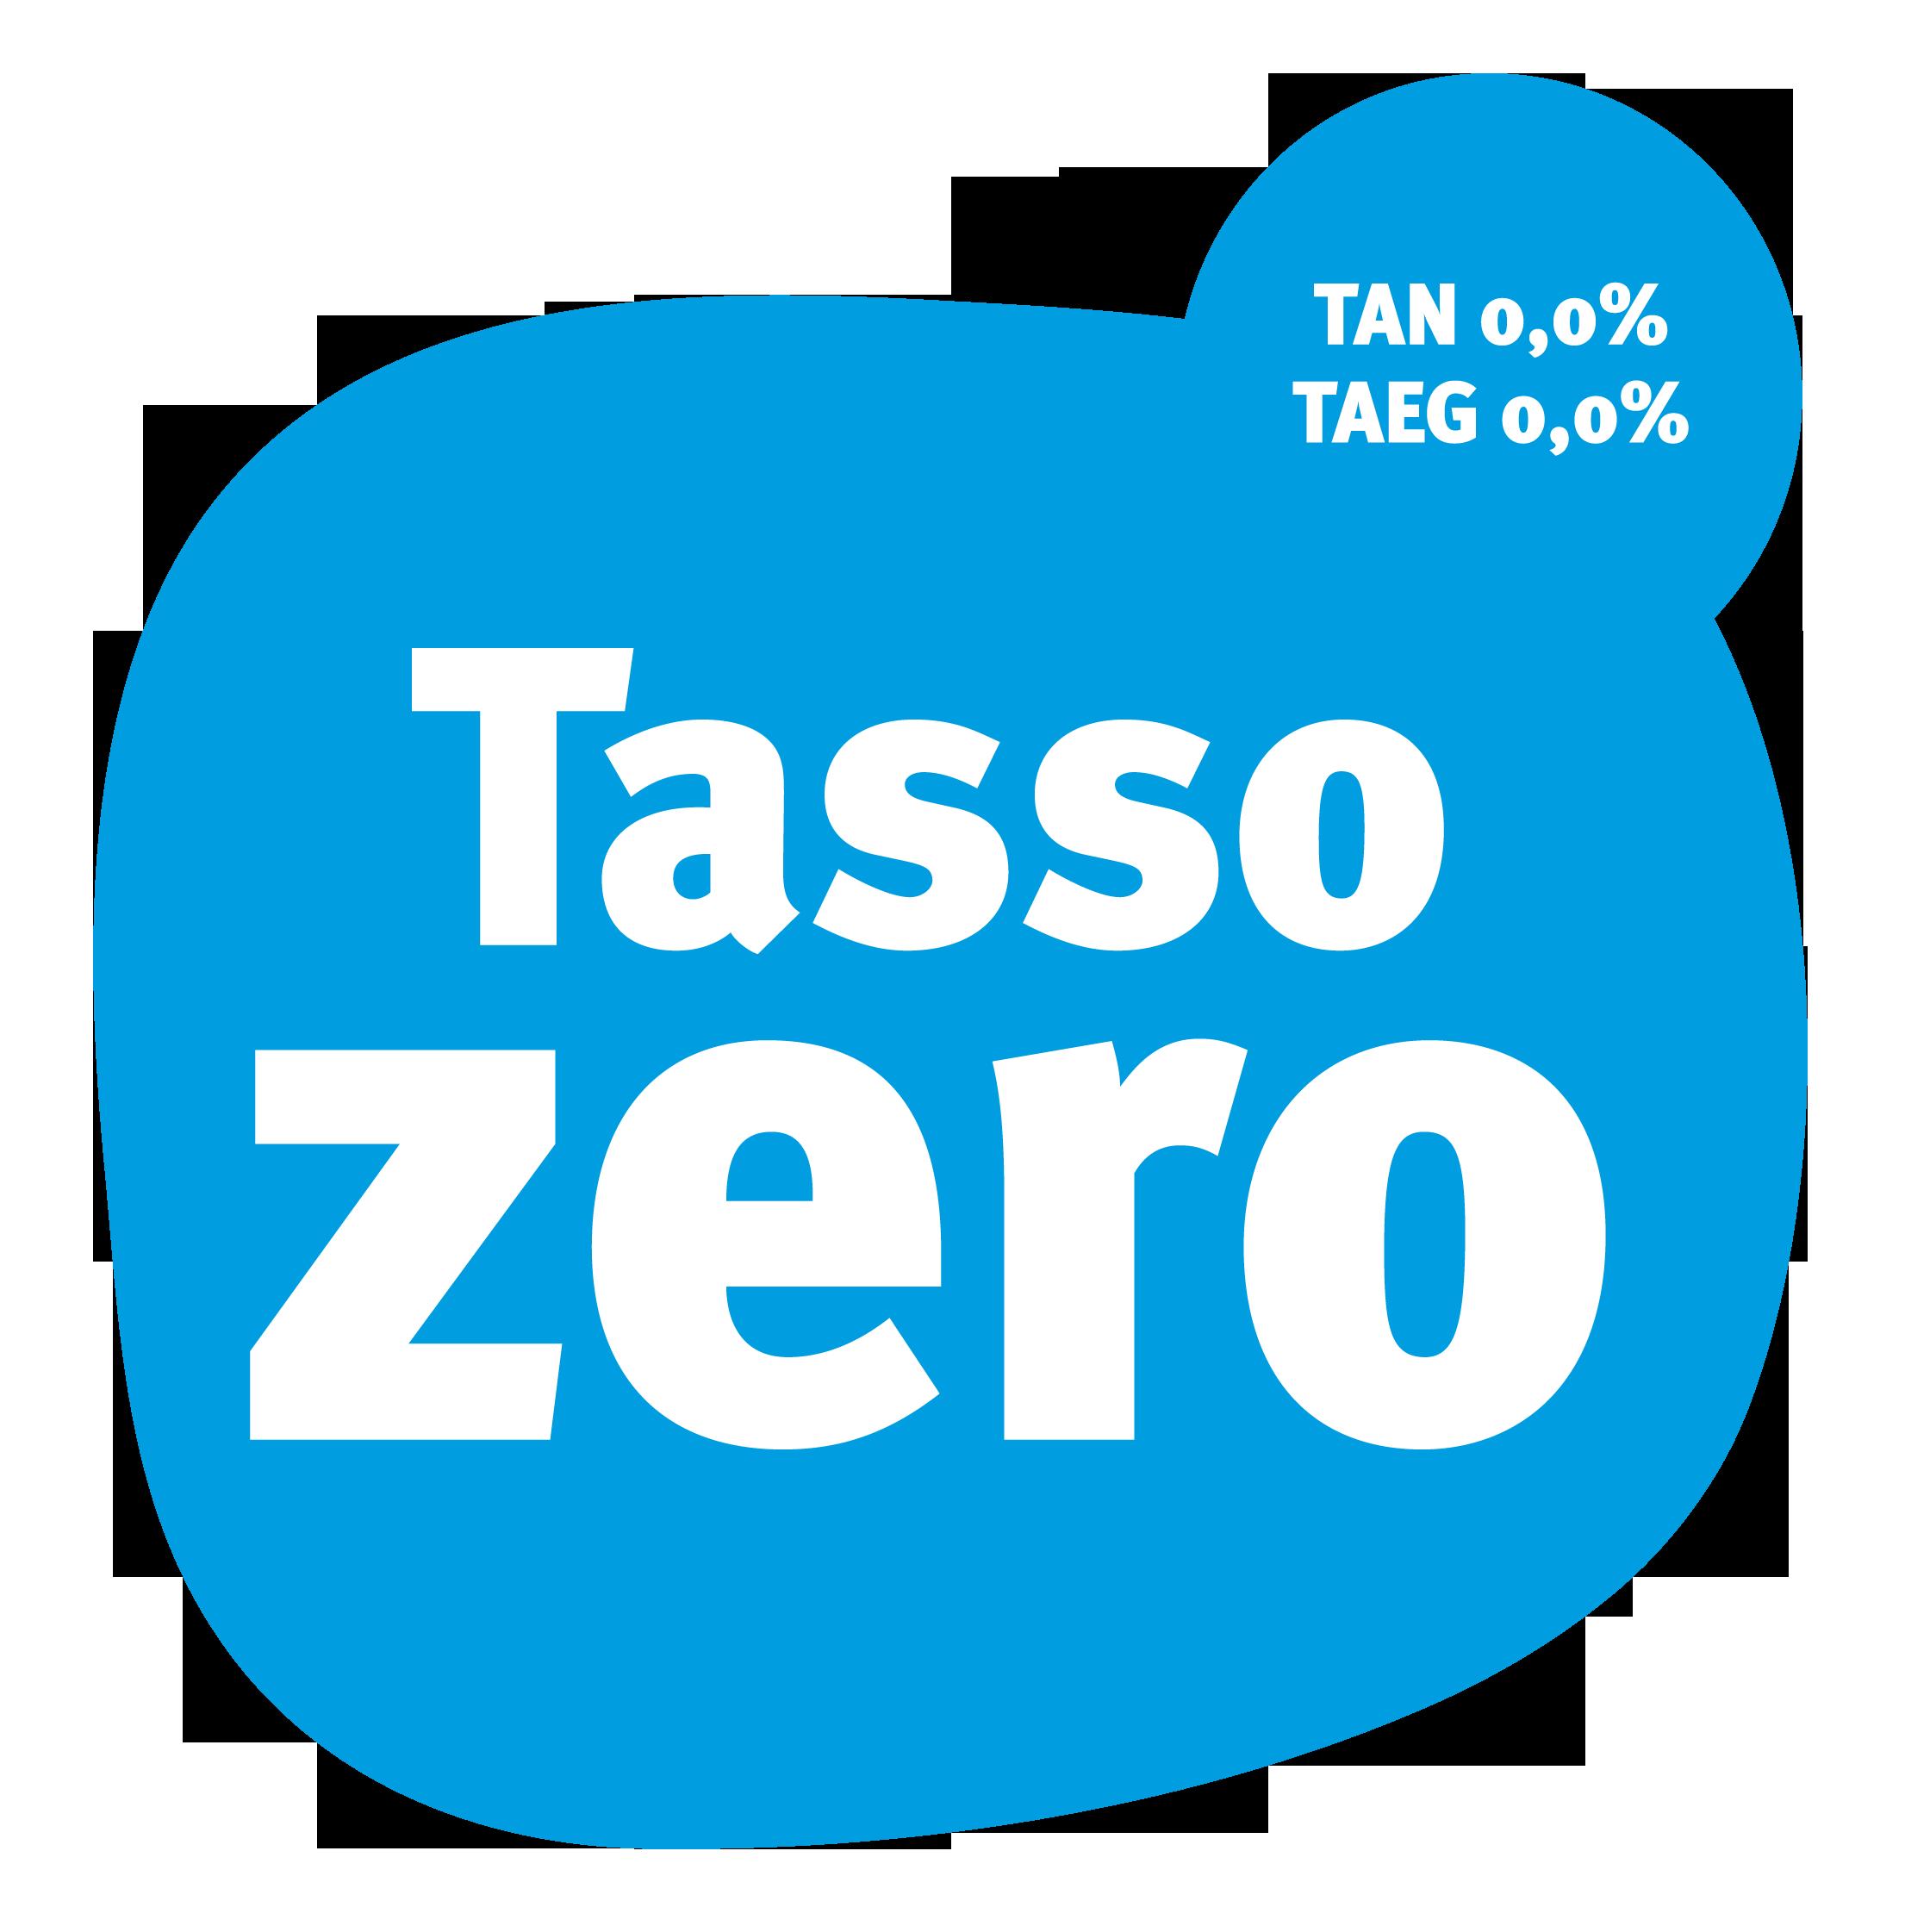 A4-tasso-zero-1.png